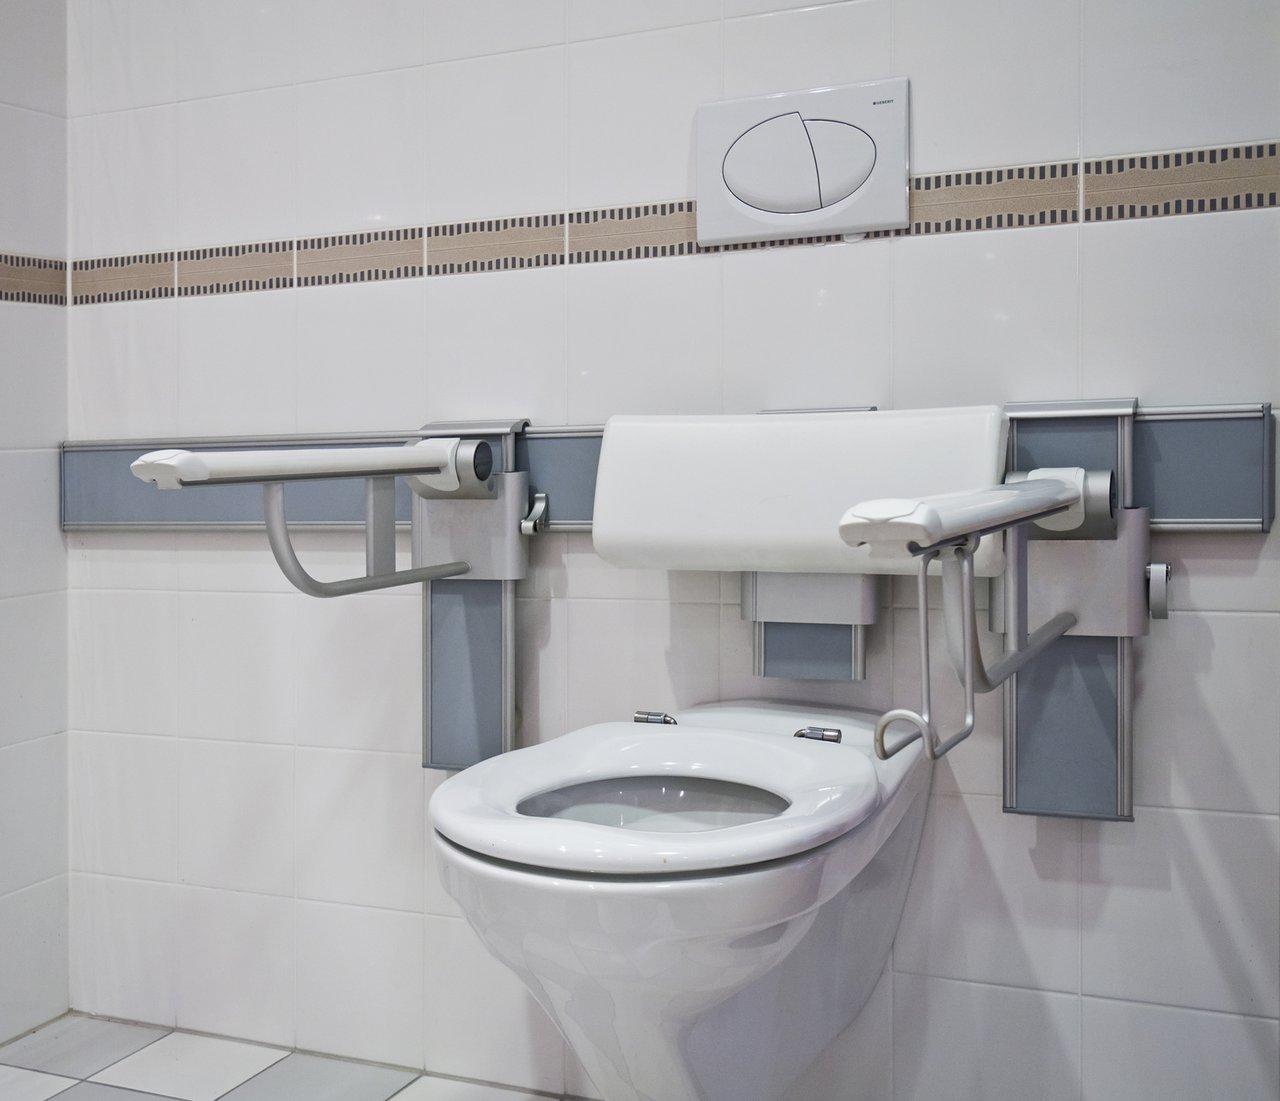 Das barrierefreie Bad - Komfort für alle Benutzer - Sanitär Schwarz GmbH